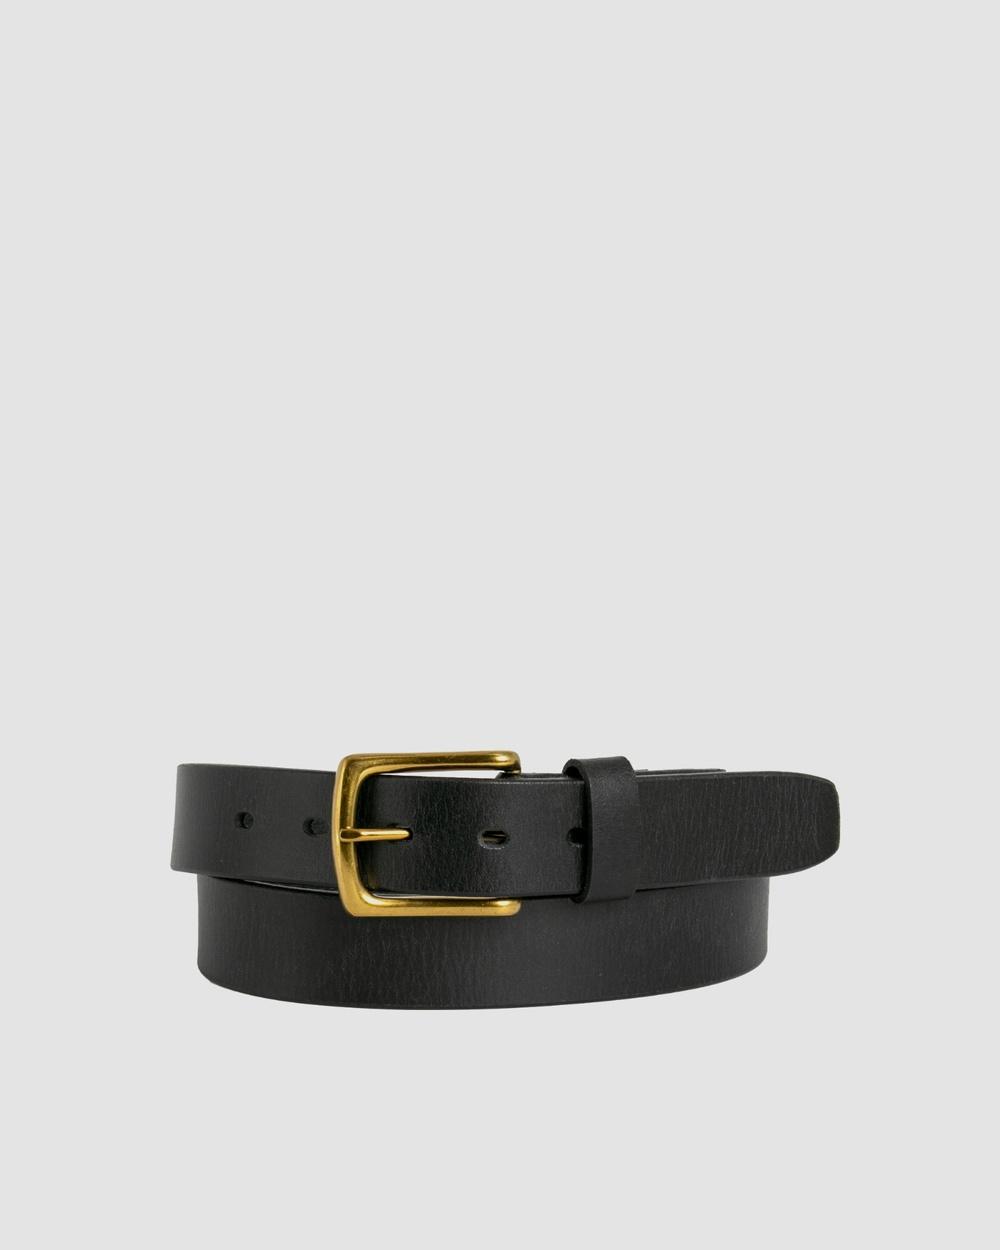 Loop Leather Co Bourke Belts Black